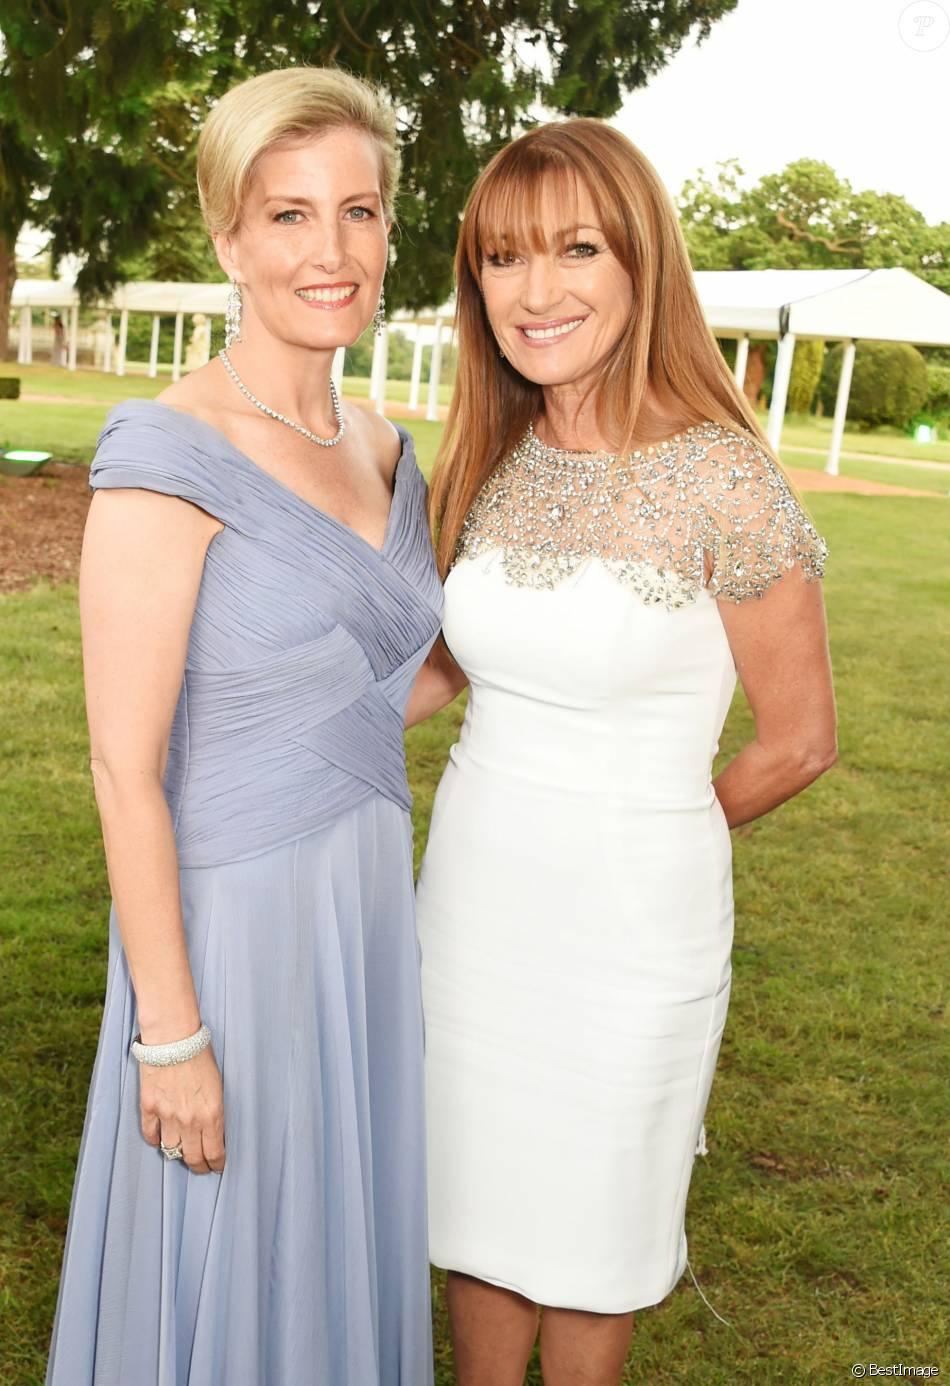 Графиня Софи Уэссексская и Джейн Сеймур на гала-вечере в честь 60-летия герцога Эдинбургского на церемонии вручения премии герцога Эдинбургского в Сток-парке 9 июня 2016 года.